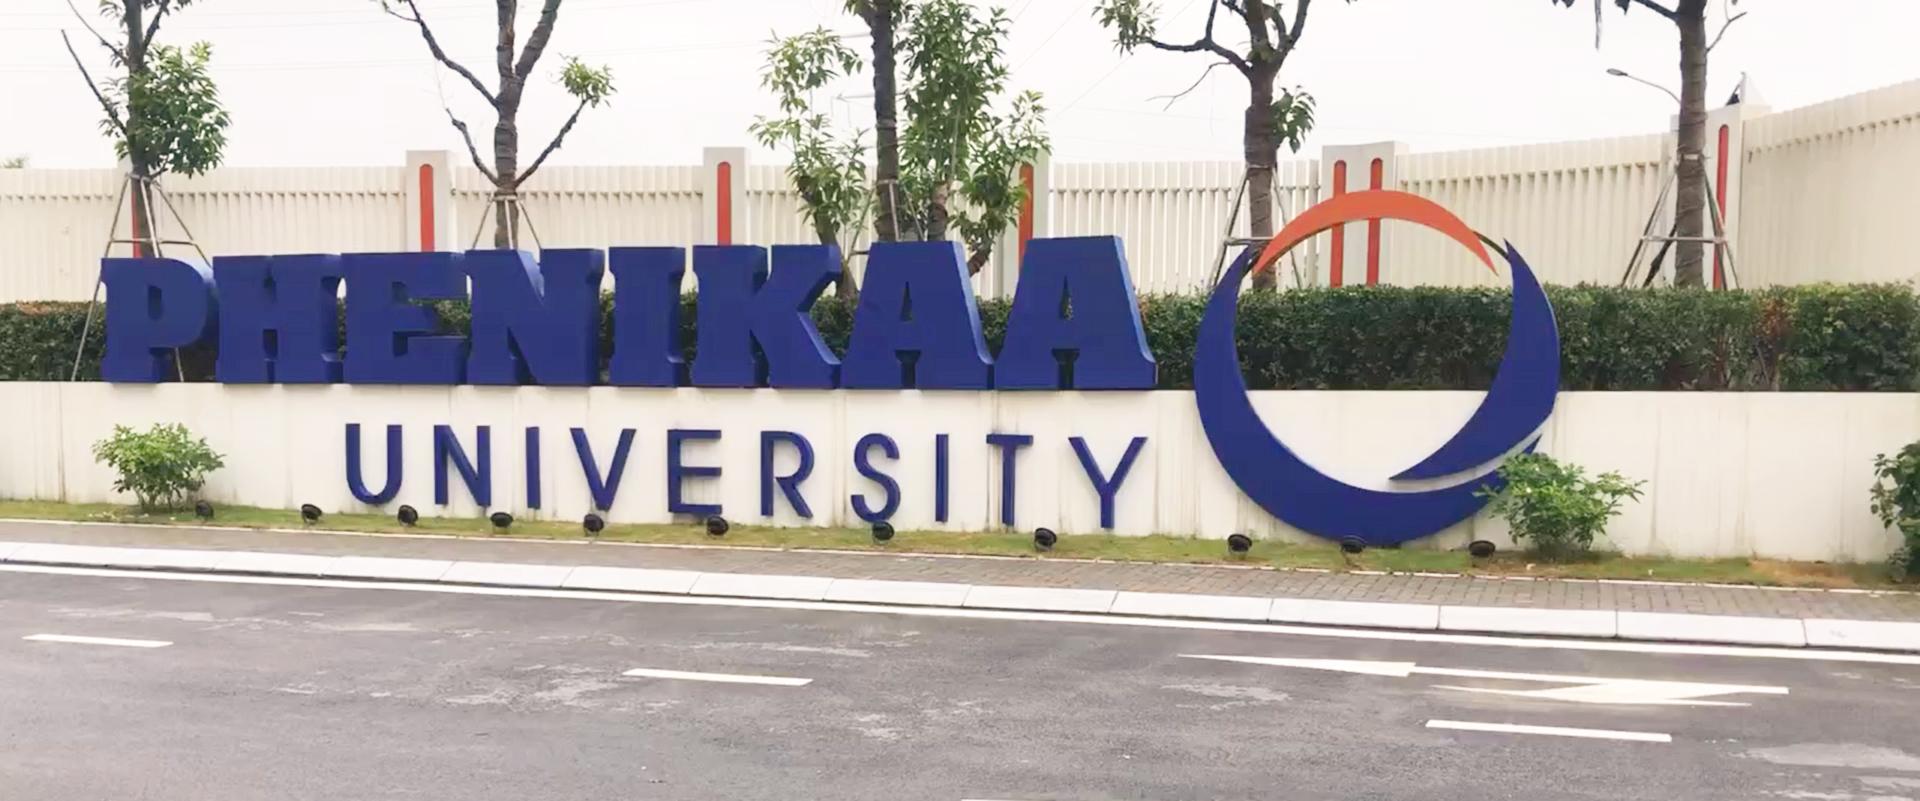 đại học phenikaa, hệ thống pxie